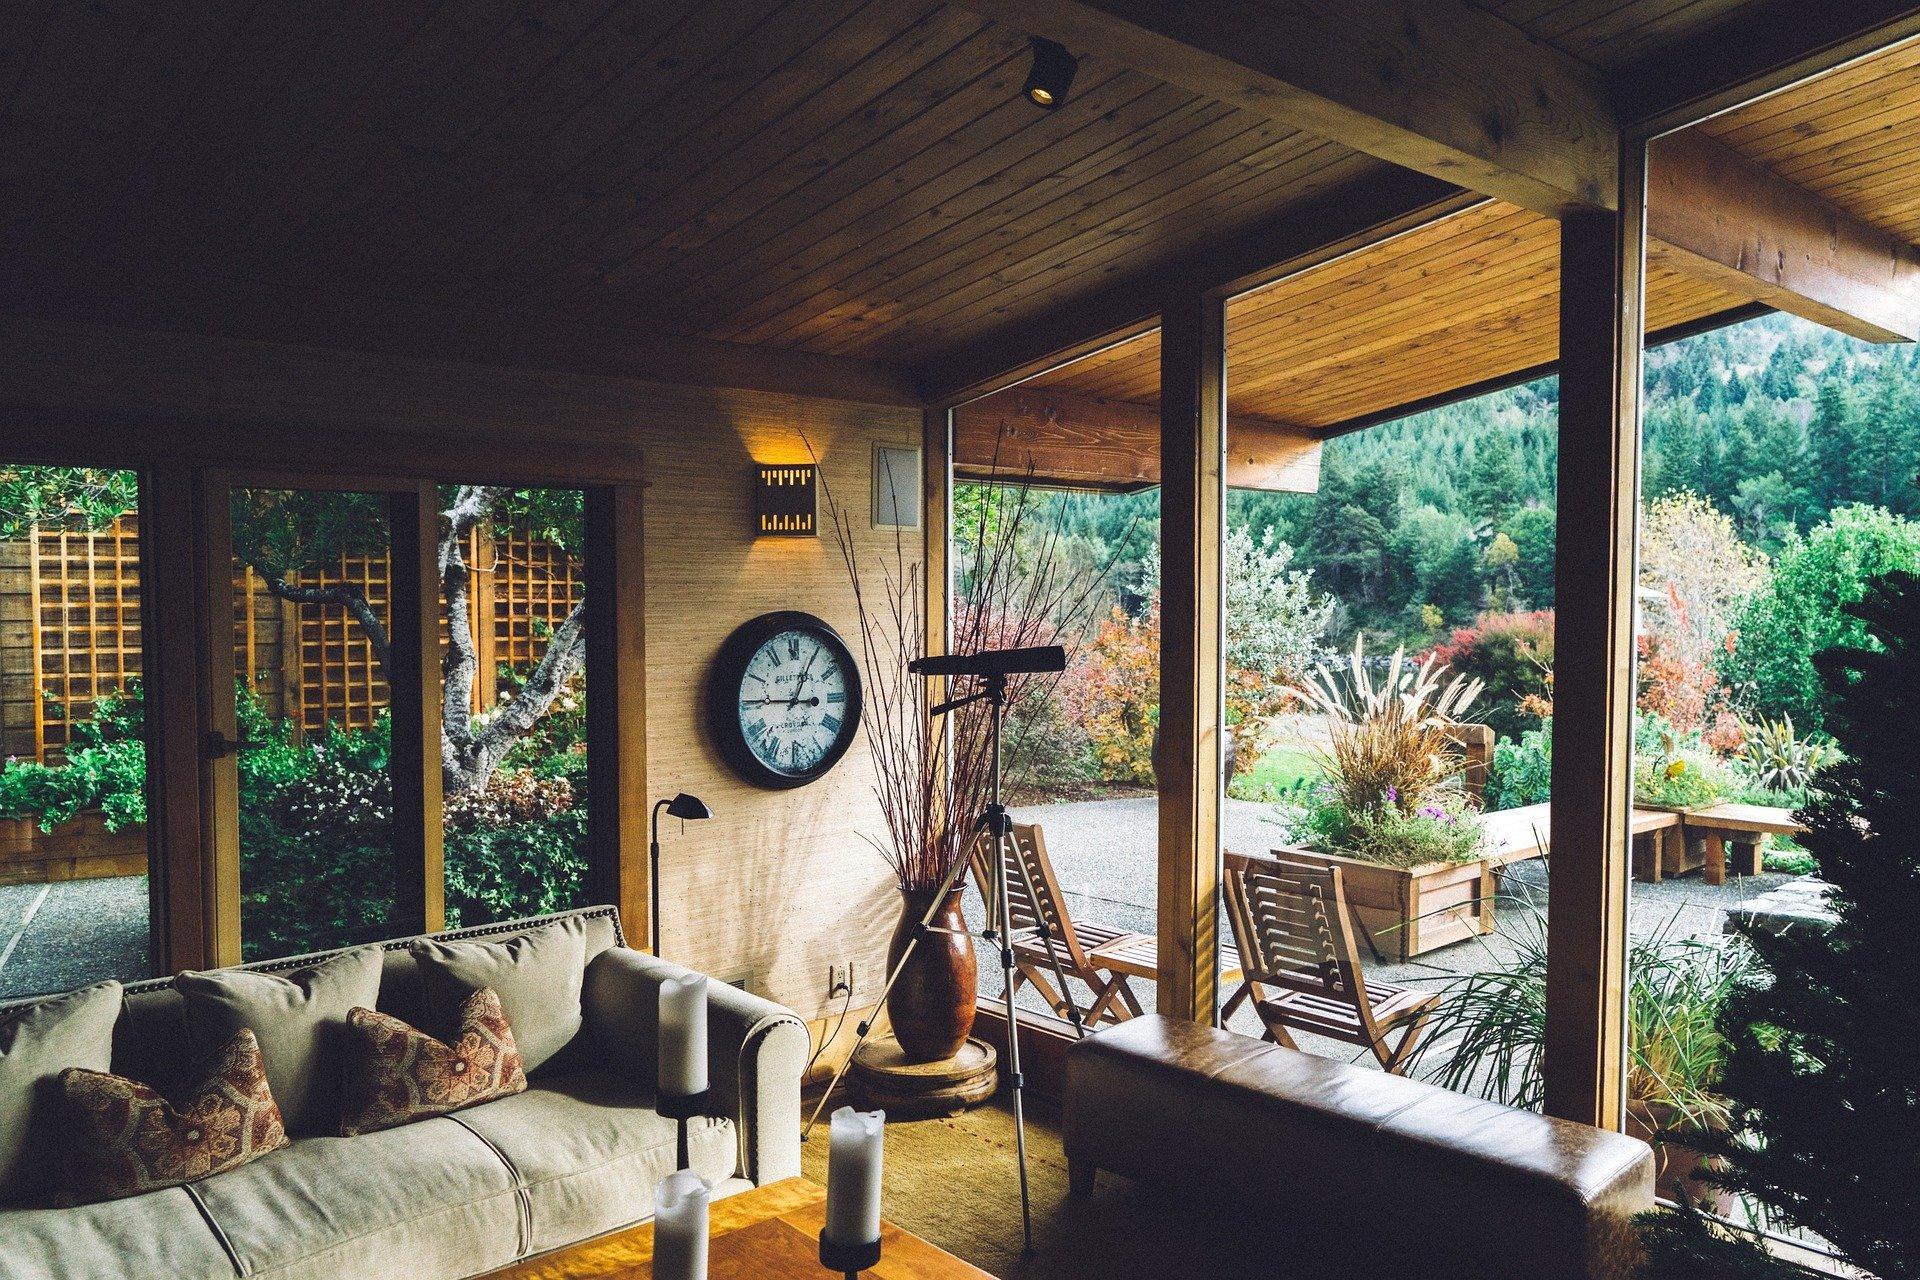 La véranda, une pièce hybride entre la maison et le jardin